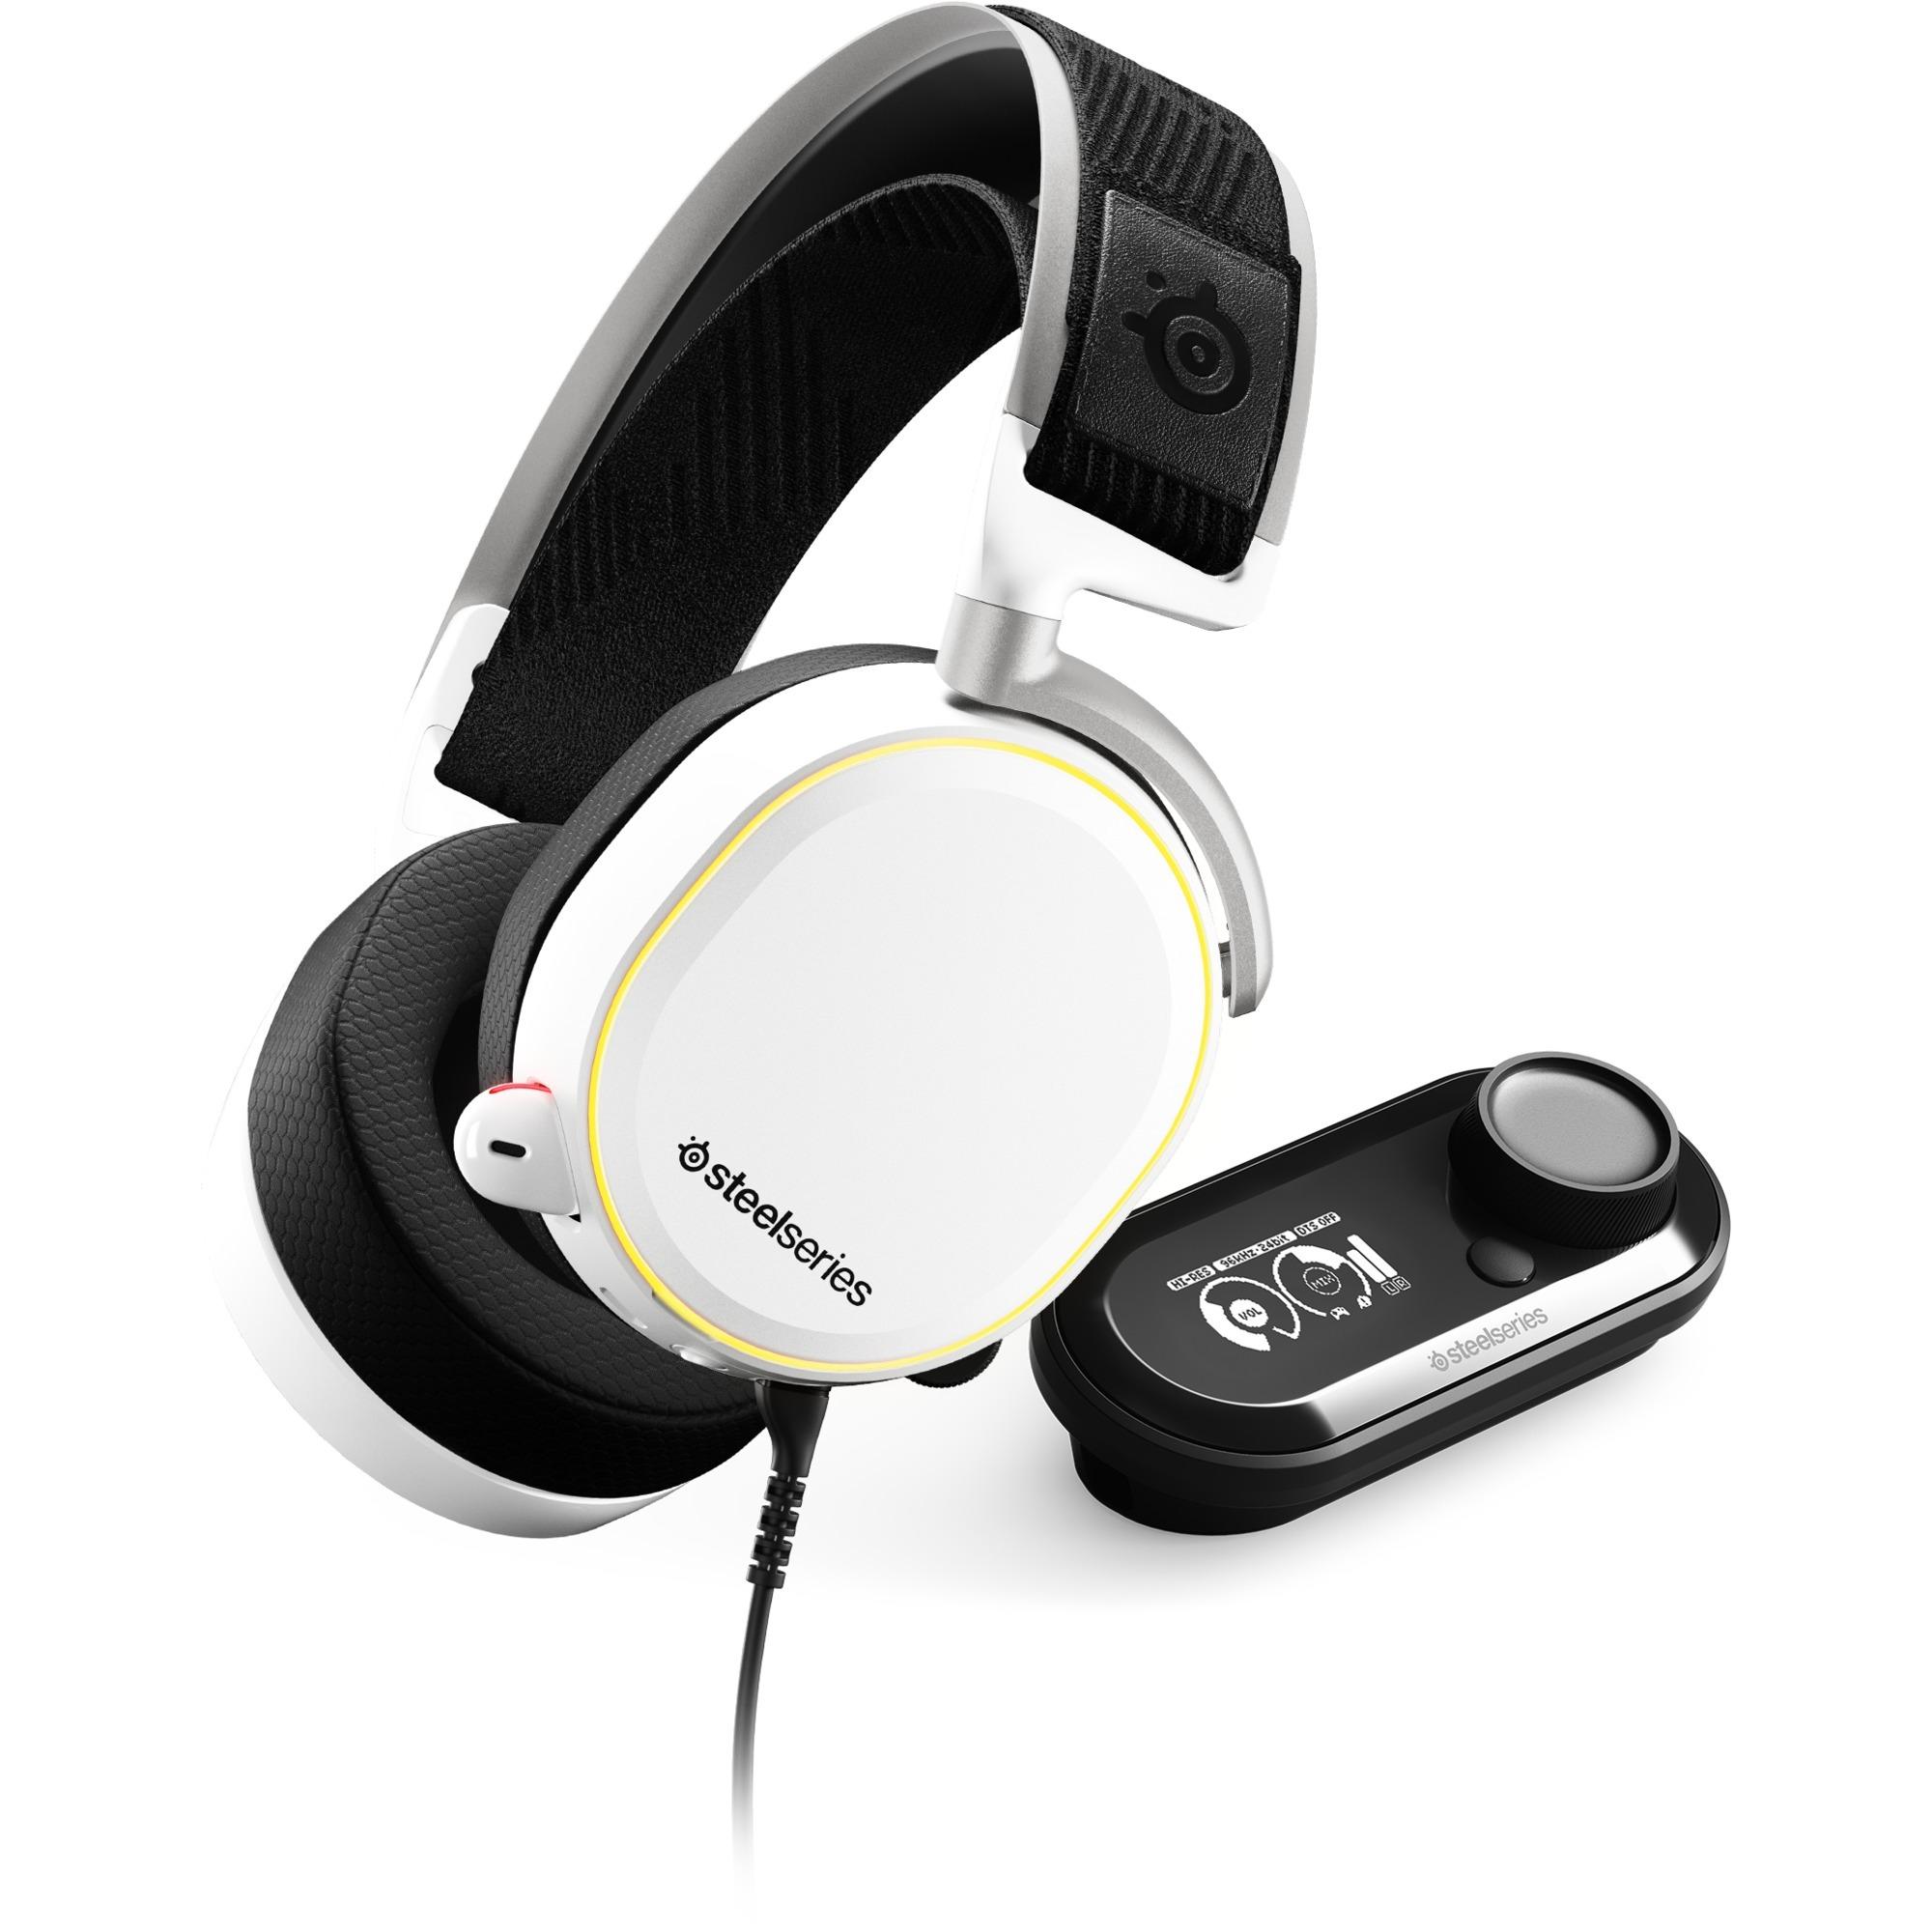 Arctis Pro + GameDAC auricular con micrófono Diadema Binaural Blanco, Auriculares con micrófono